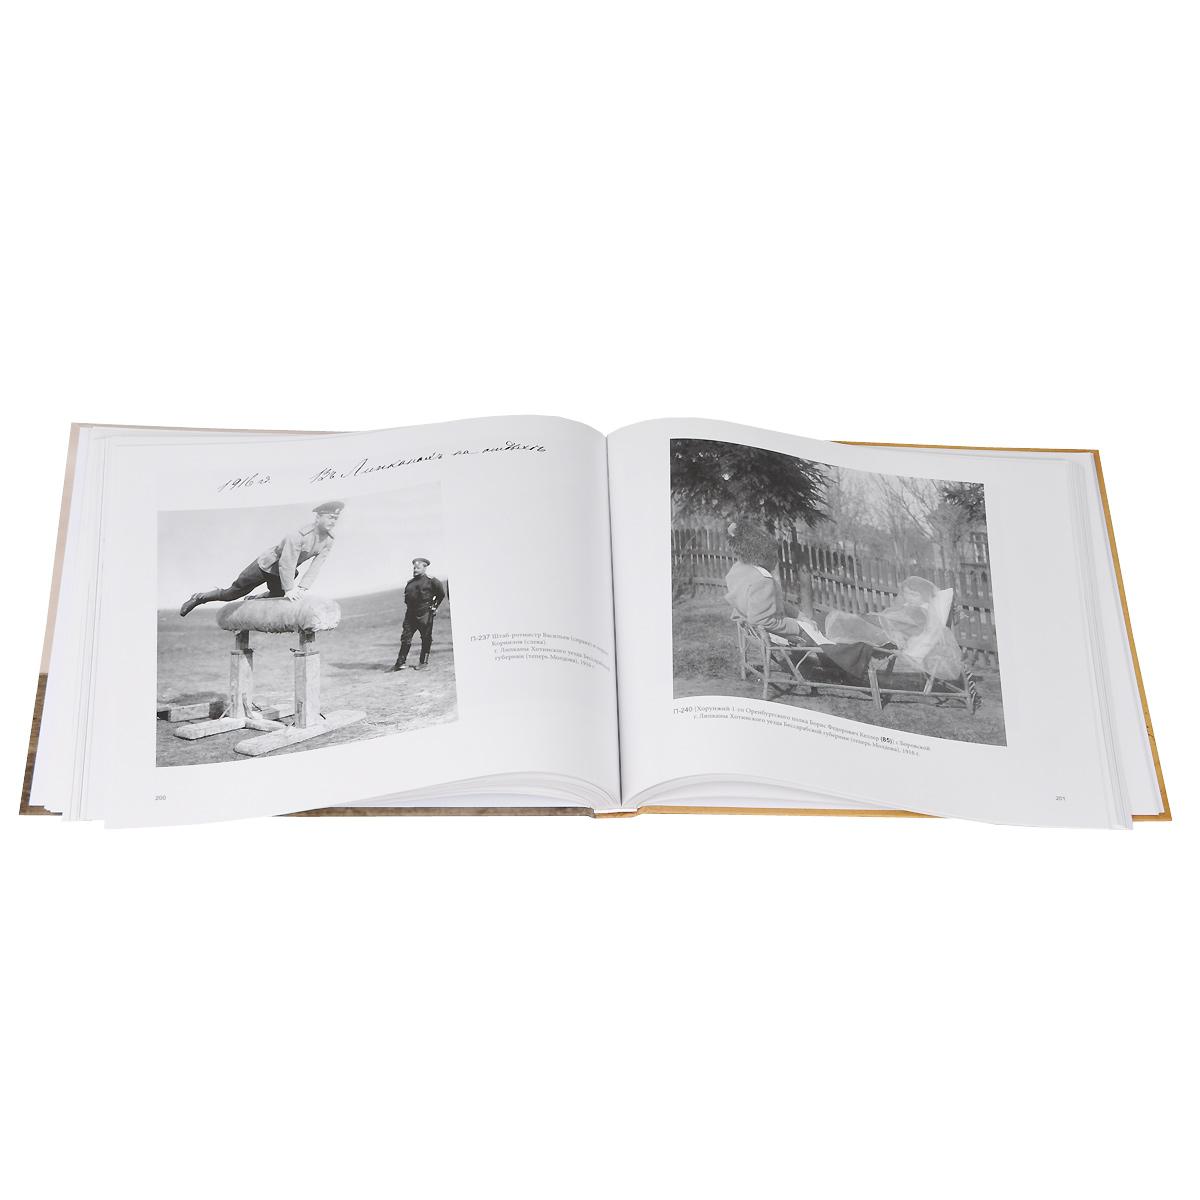 Война 1914-1917 гг. Из личного фотоальбома генерала от кавалерии графа Ф. А. Келлера